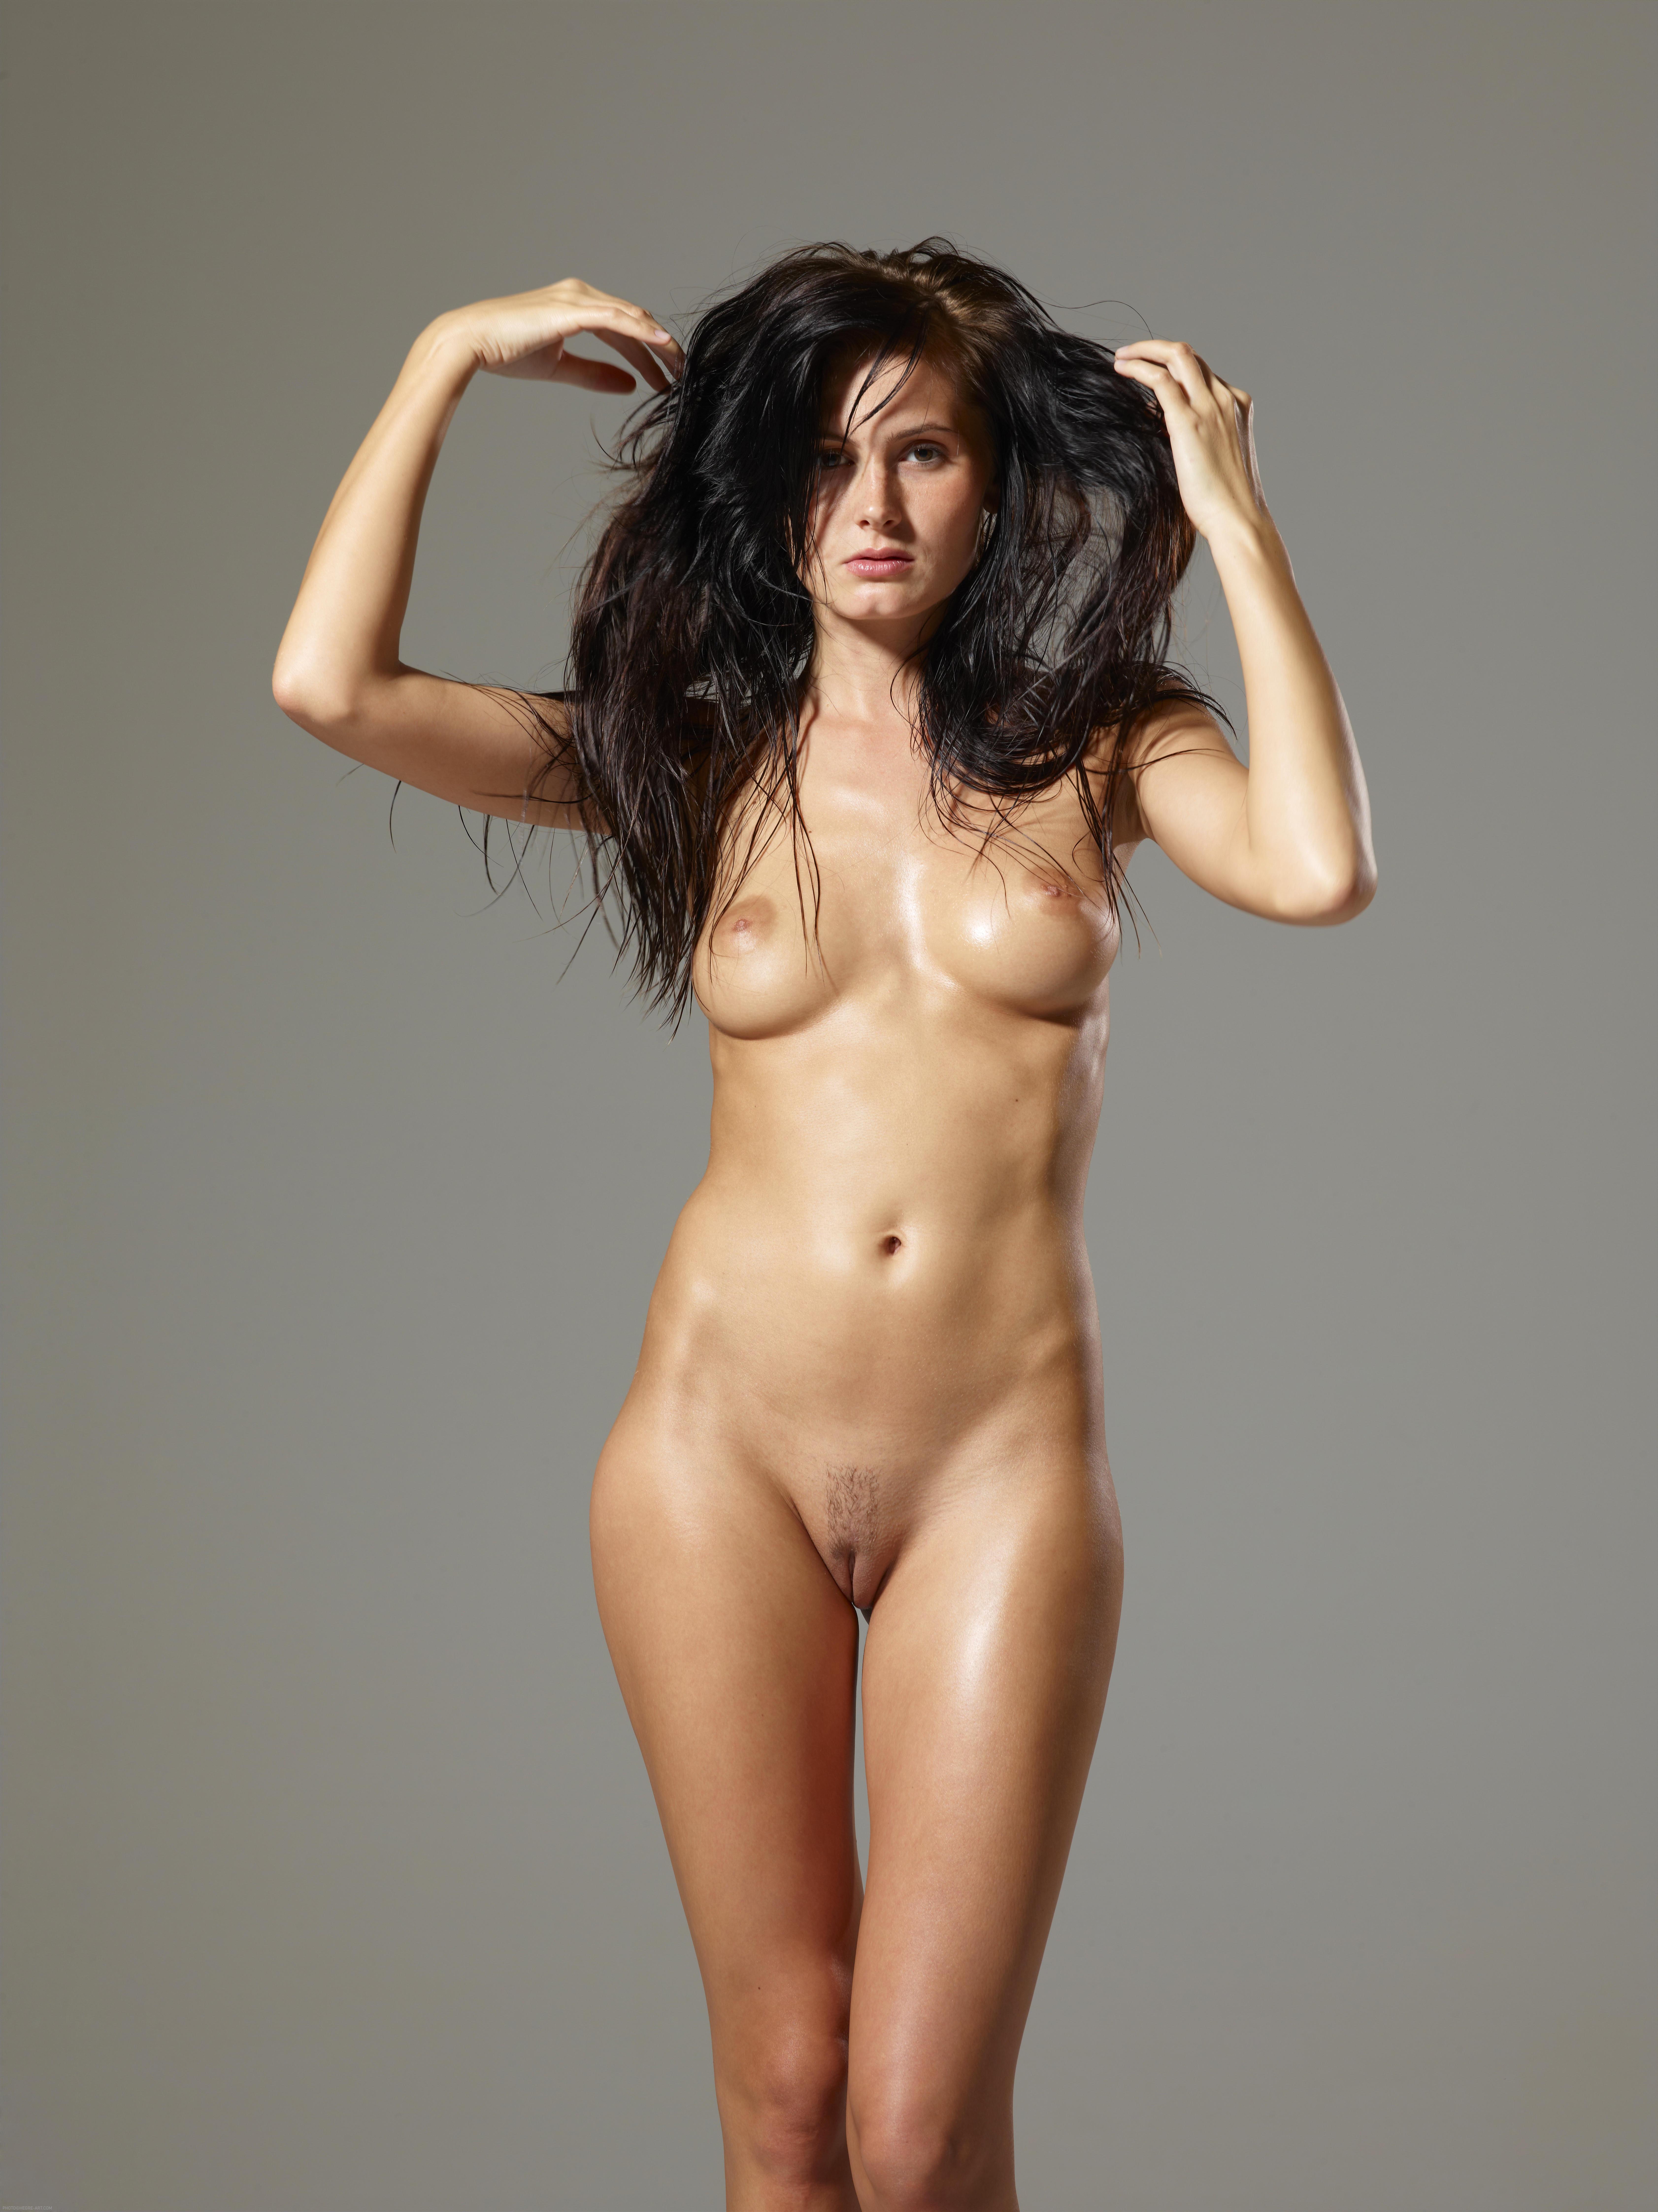 Tereza Full Figure 2012 01 30 086 Xxxxxl Terezafullfigure -4638